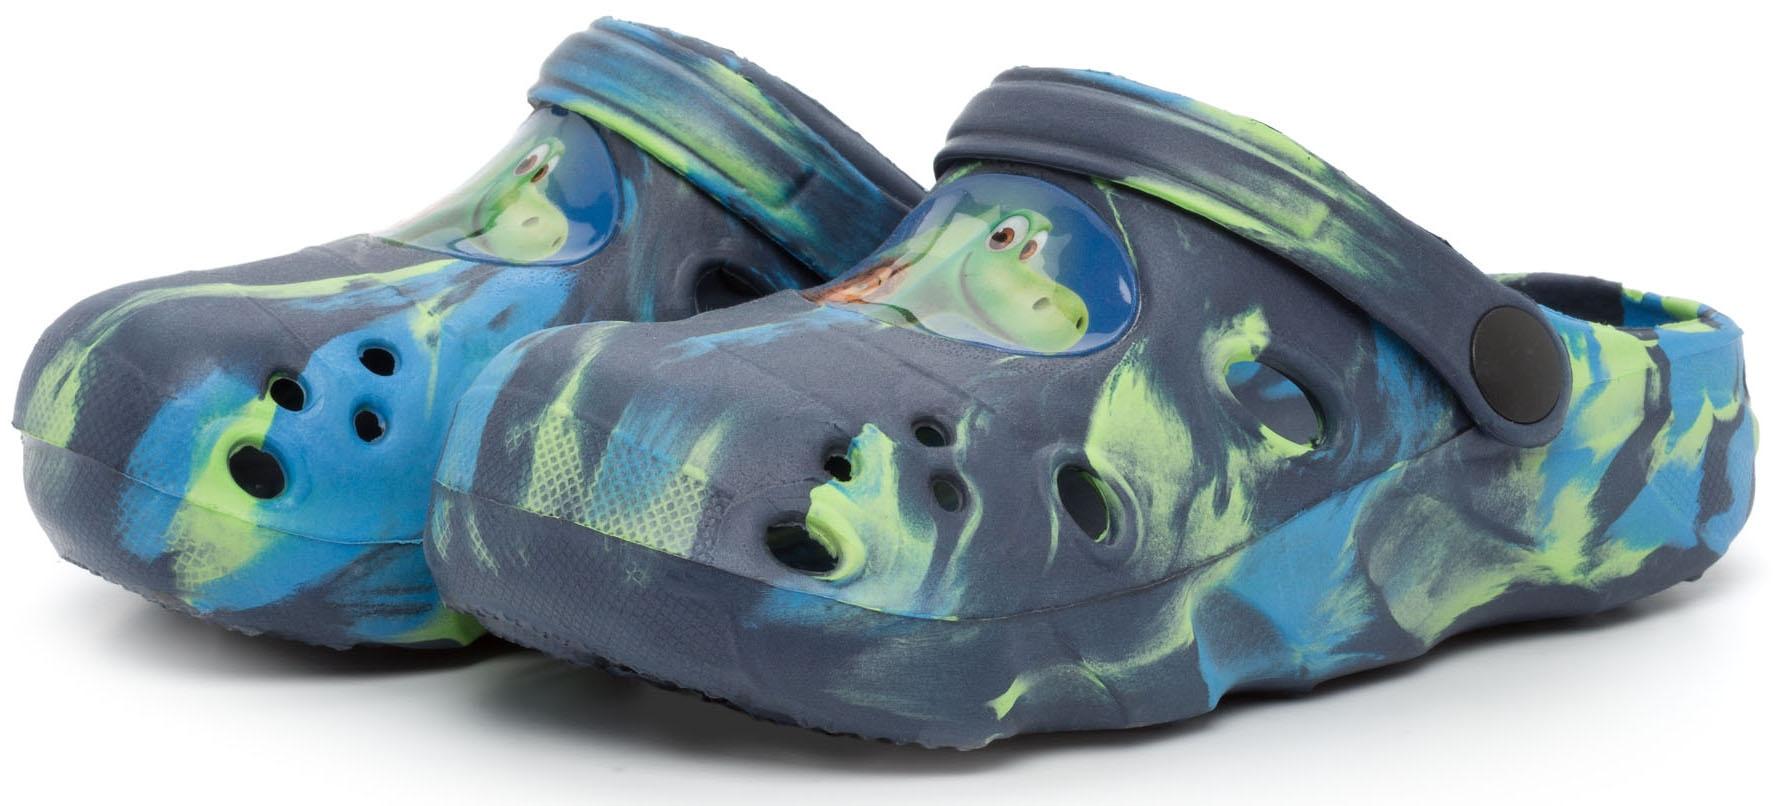 Сланцы (пляжная обувь) THE GOOD DINOSAUR Туфли летние для пляжа и бассейна для мальчика The Good Dinosaur, темно-синие сапоги the good dinosaur сапоги